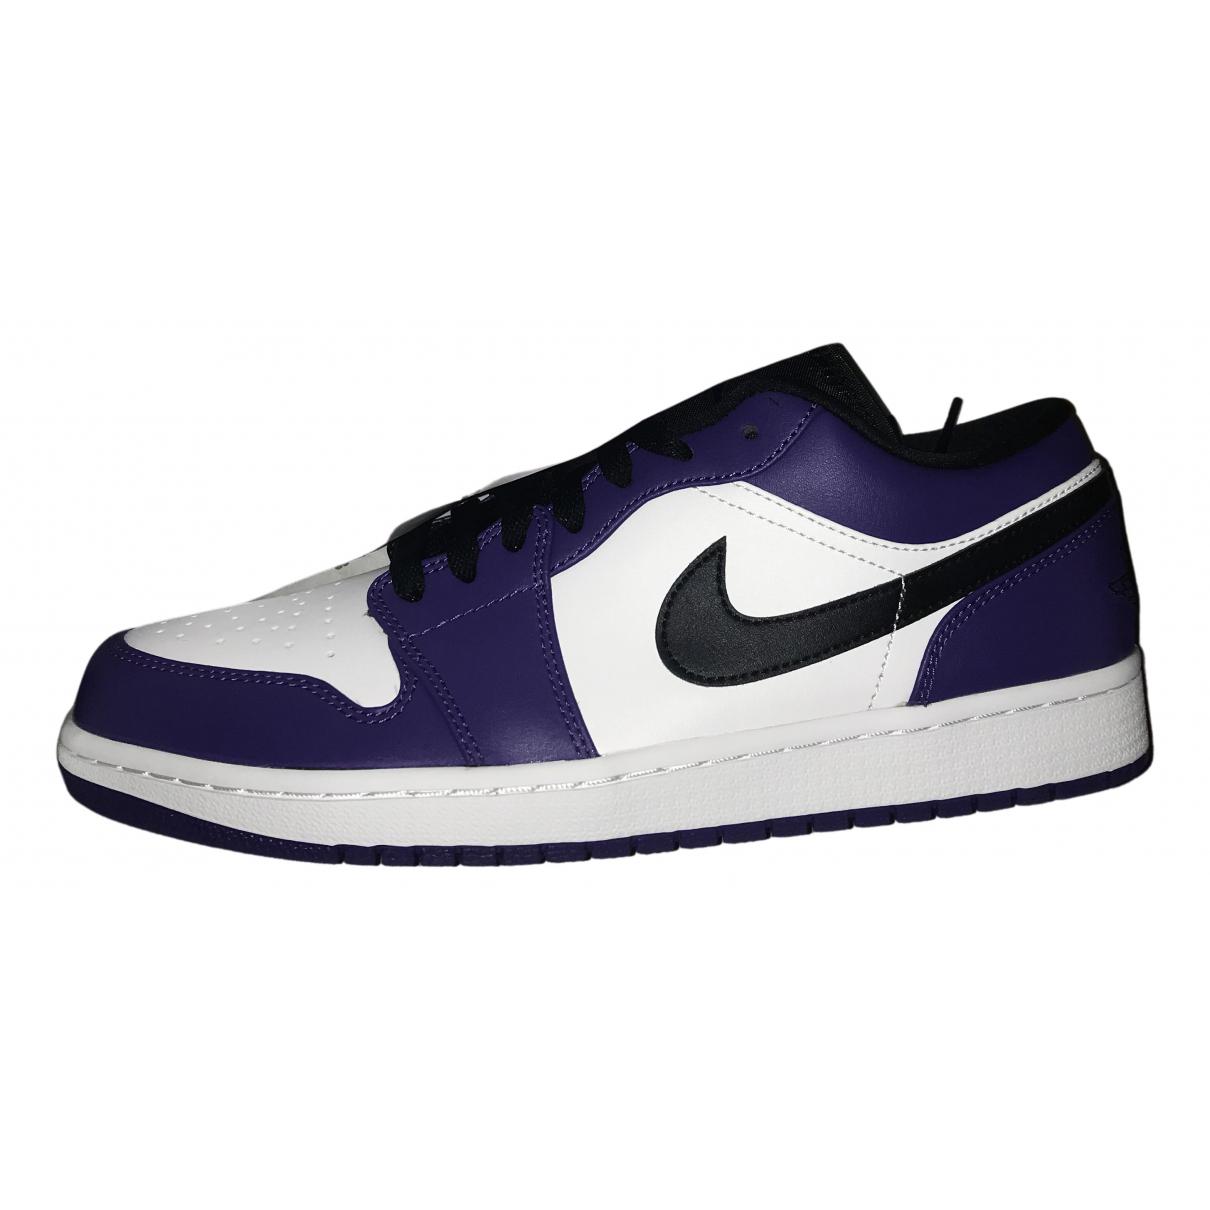 Jordan - Baskets Air Jordan 1  pour homme - violet